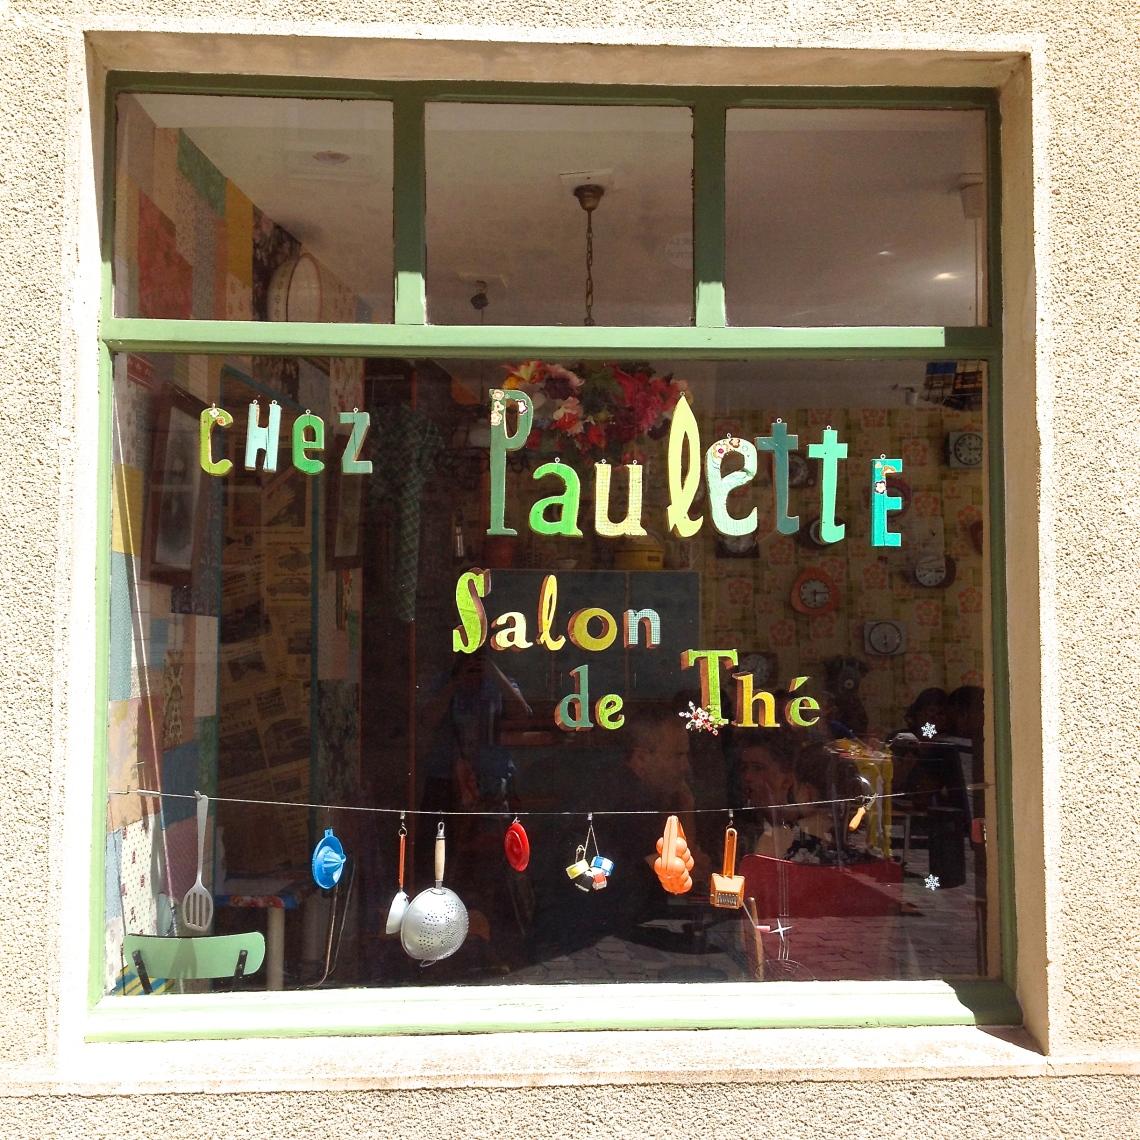 Paulette 31